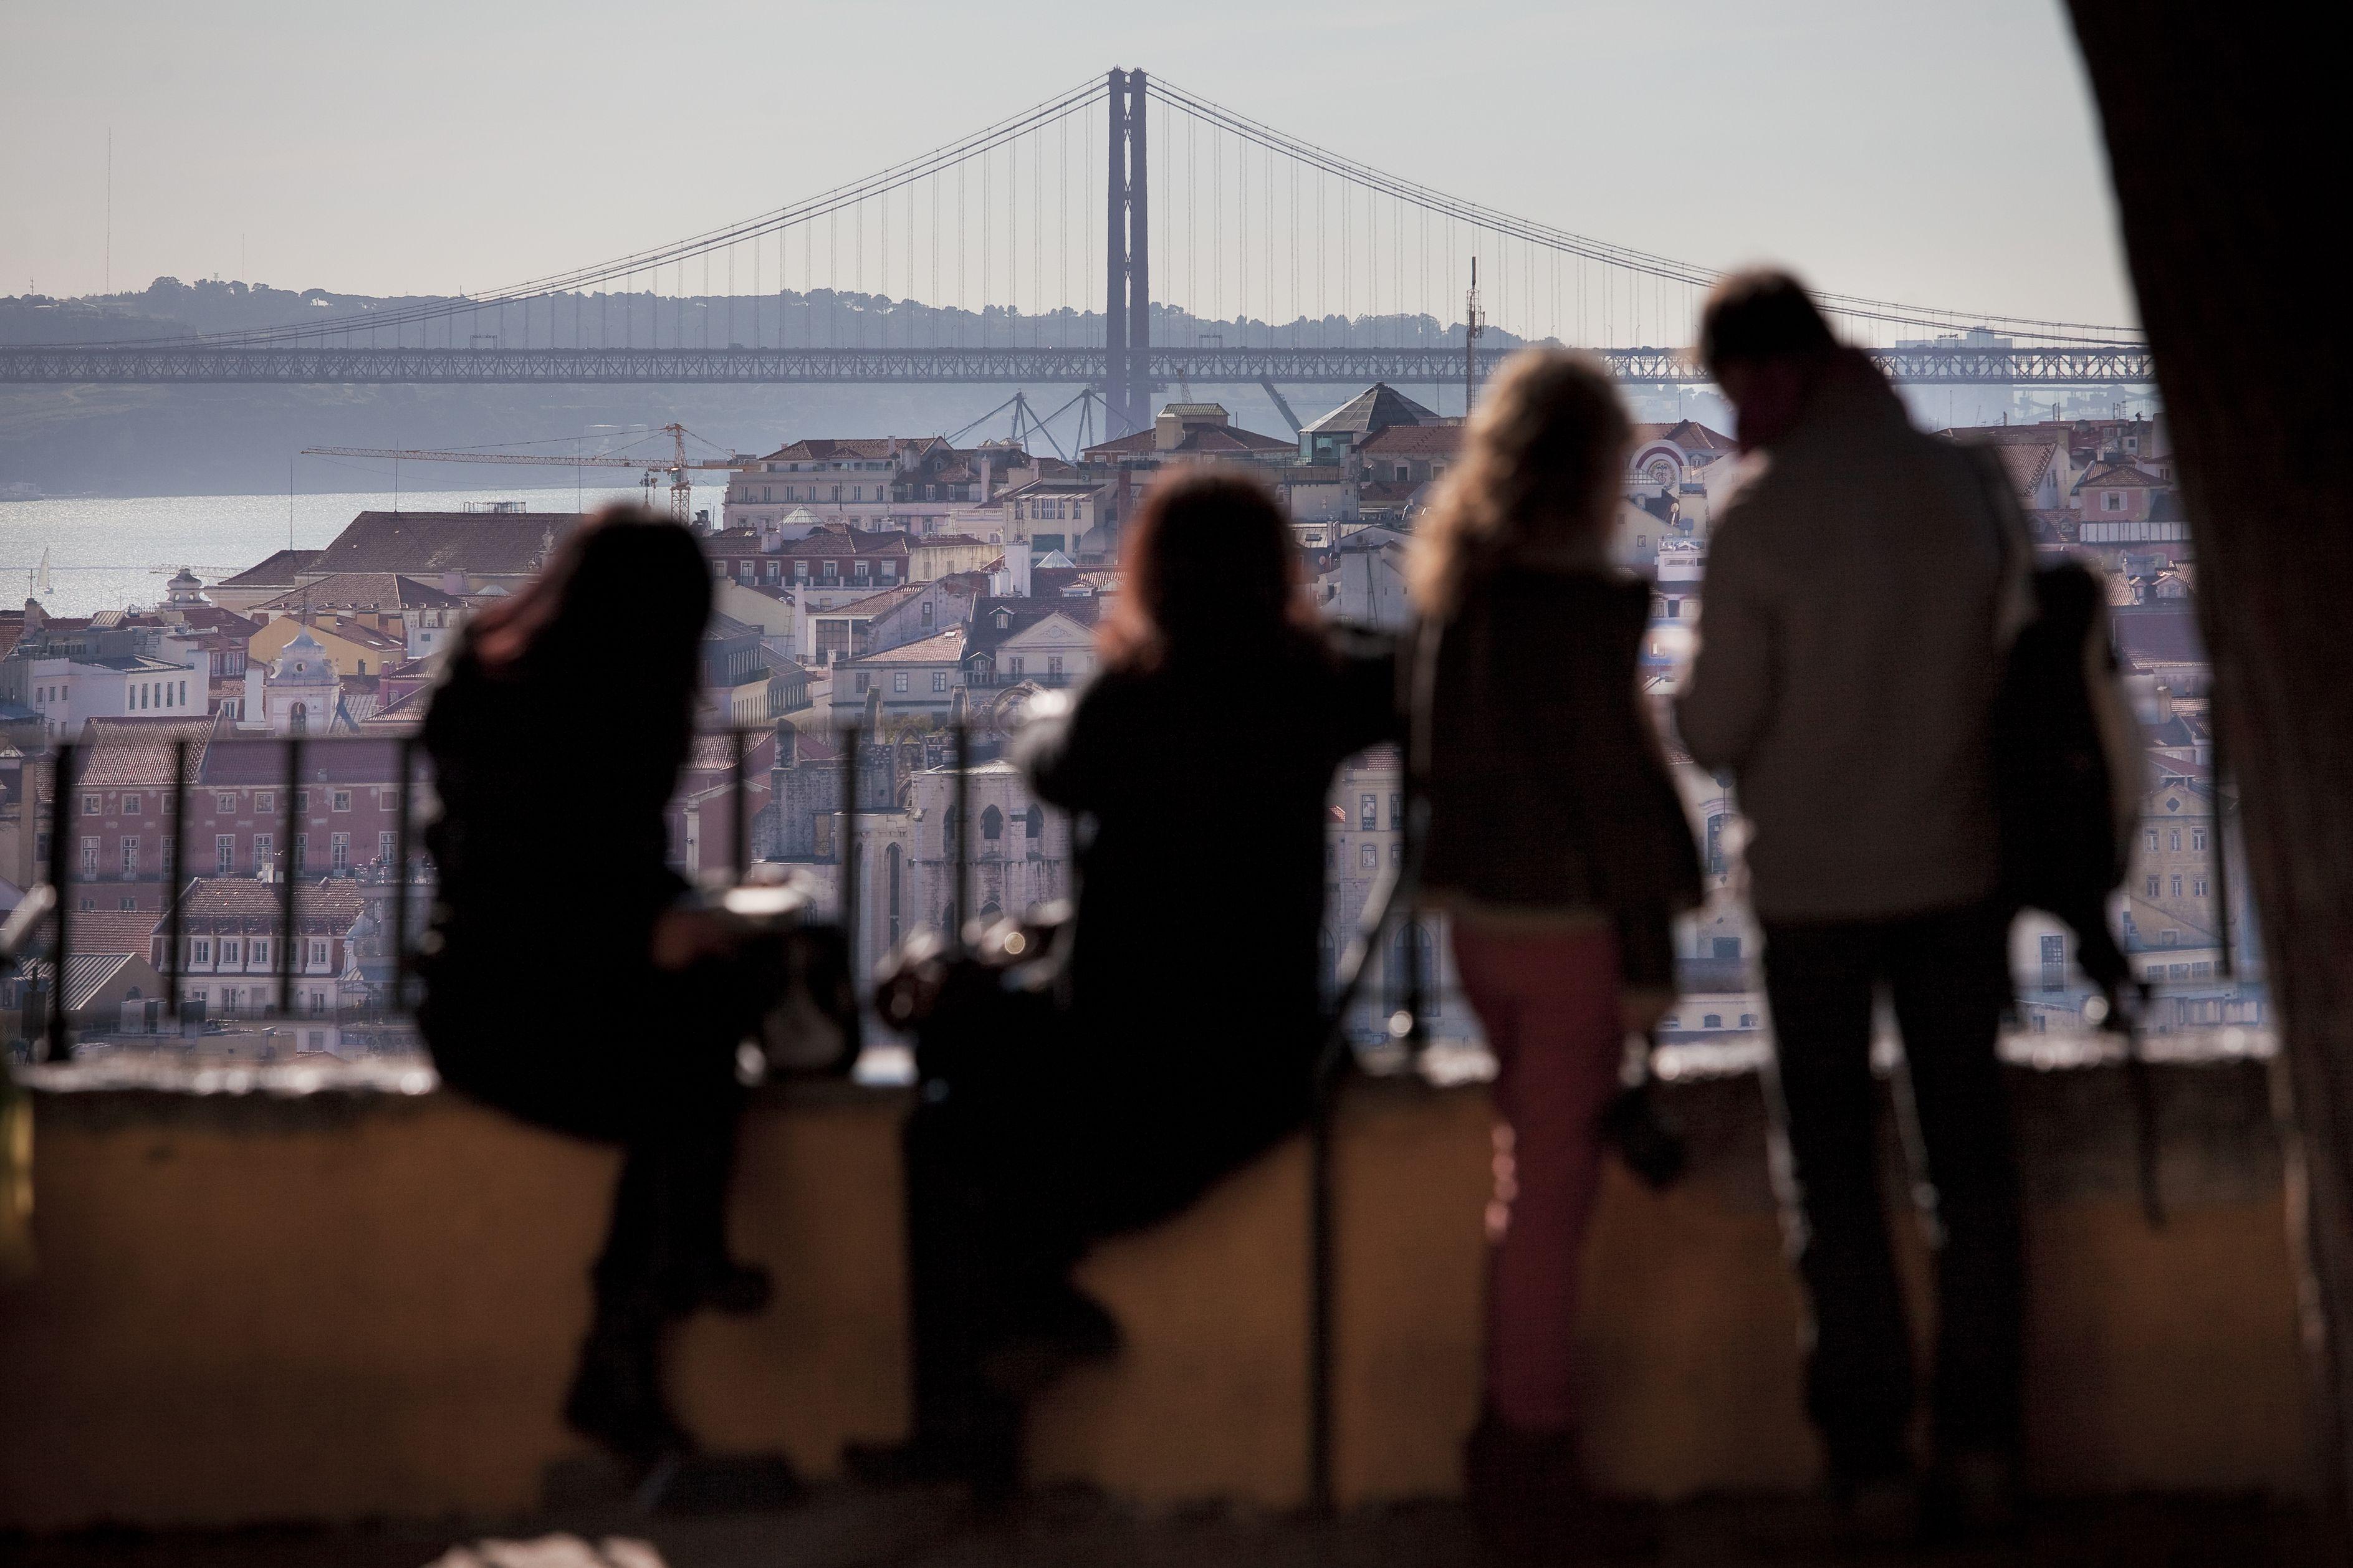 Taxa turística rendeu 3,9 milhões de euros à Câmara de Lisboa até maio